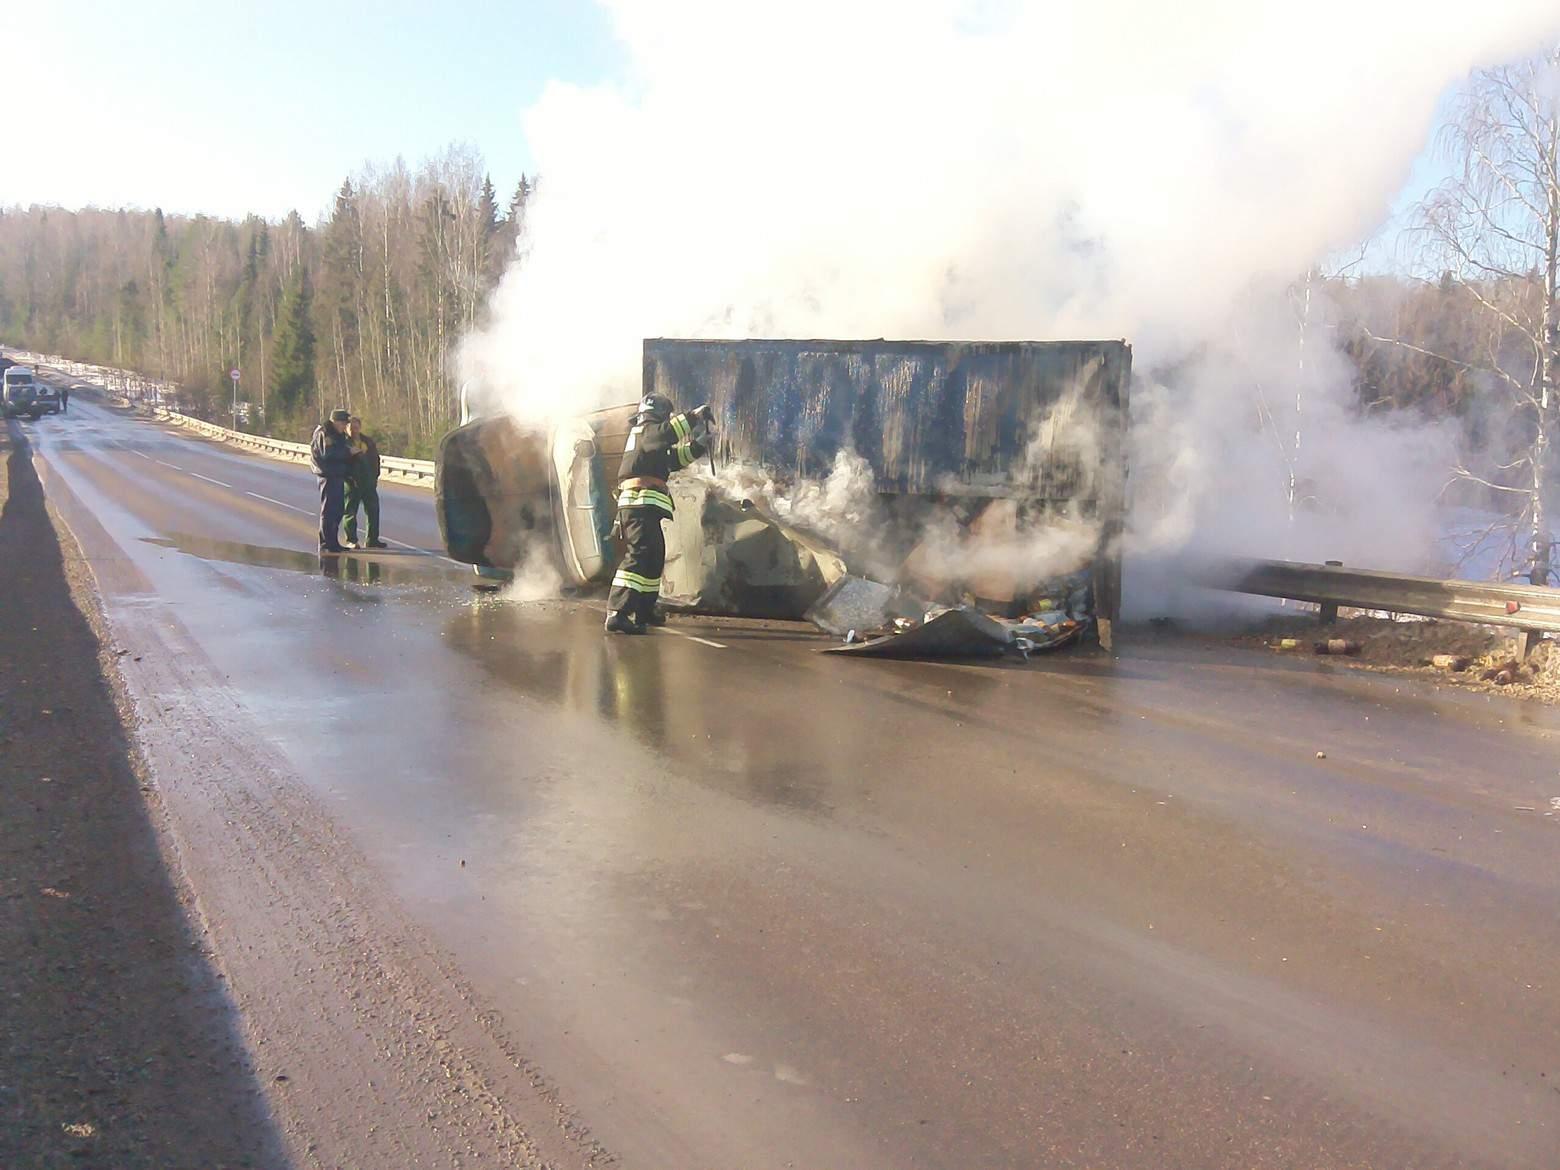 Пожарные предотвратили взрыв автомобиля.